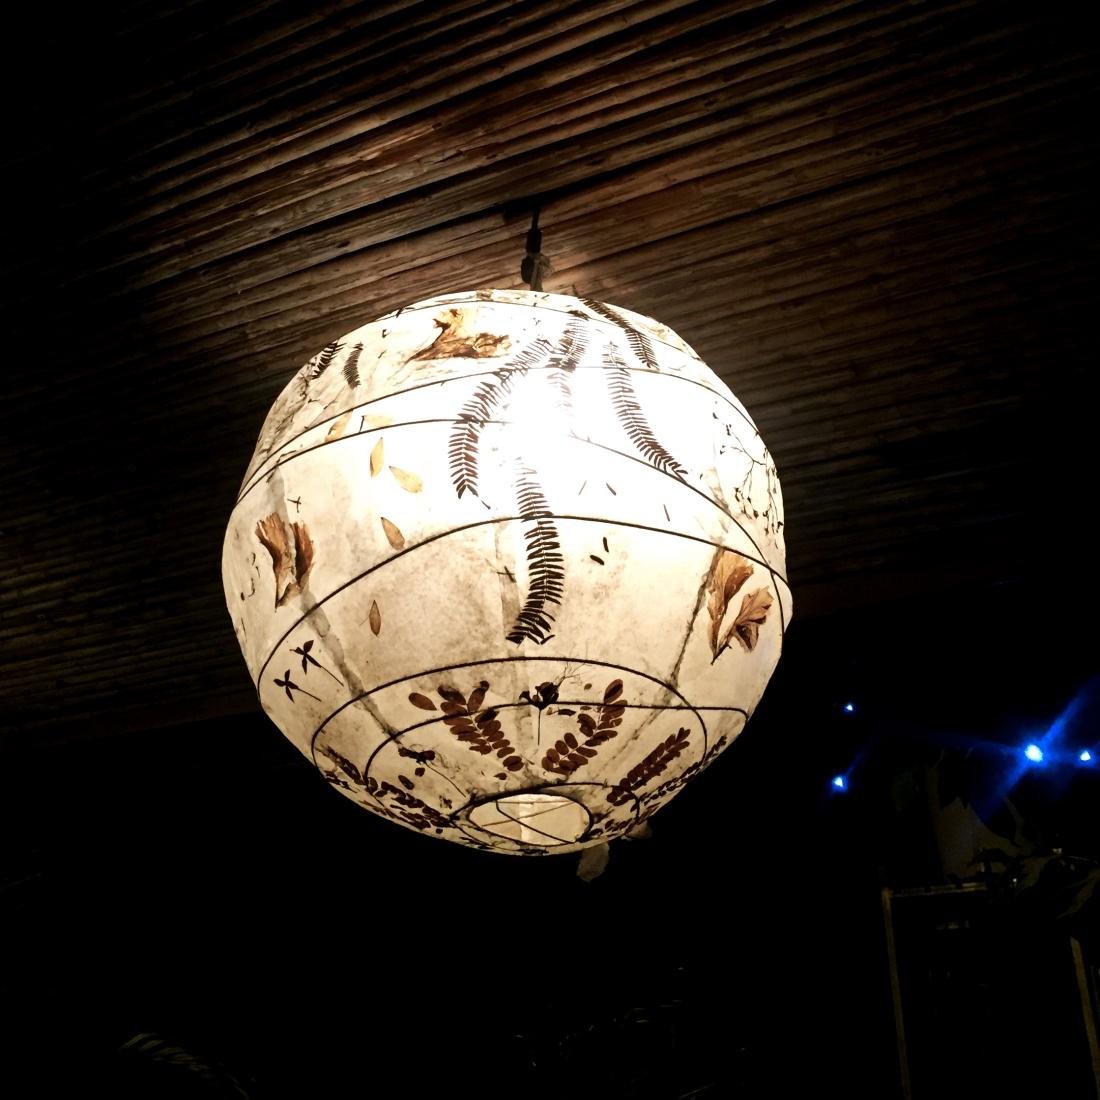 lampshade-herbier.jpg